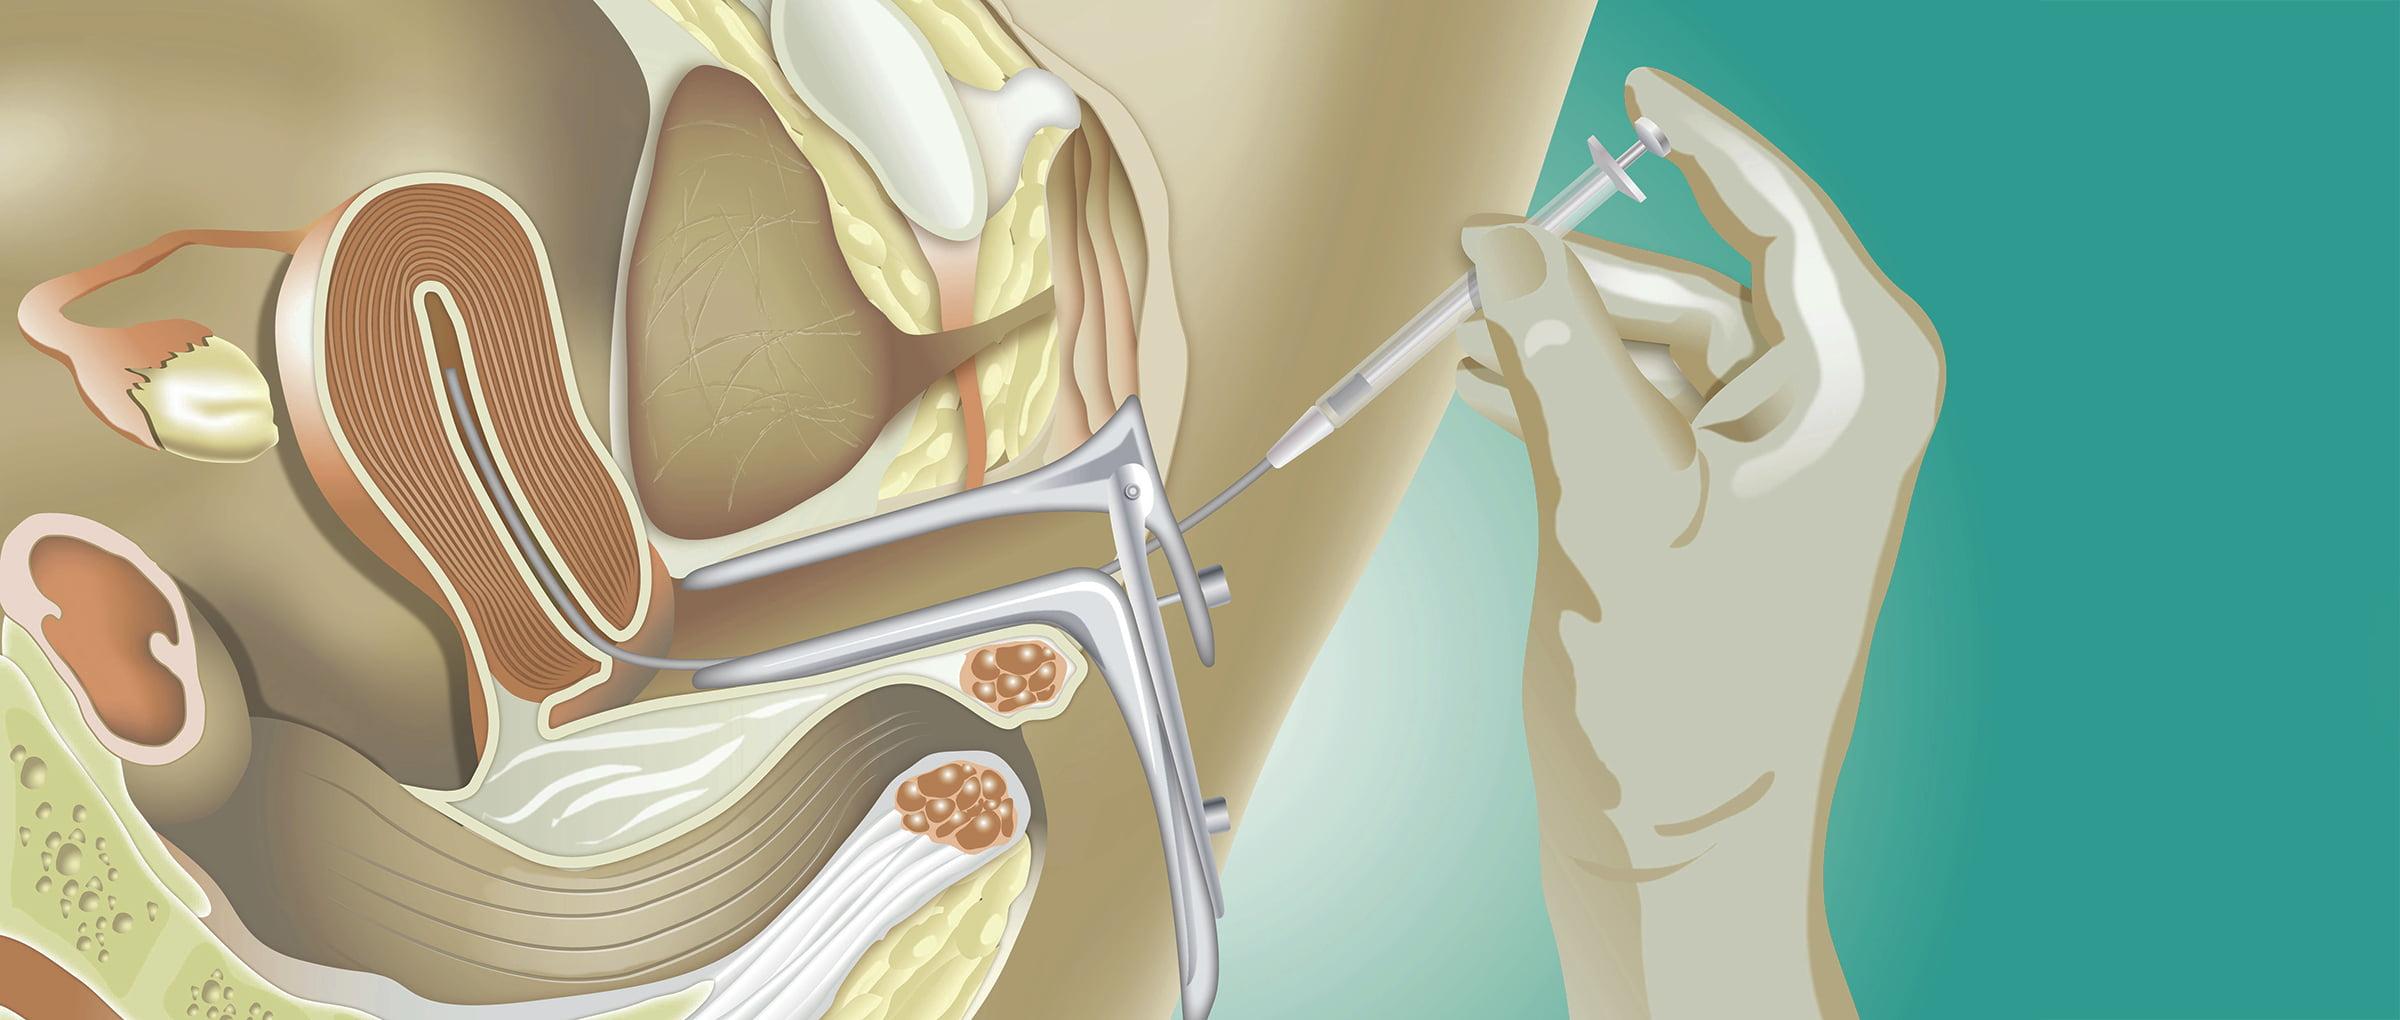 Introducción del semen en el útero femenino